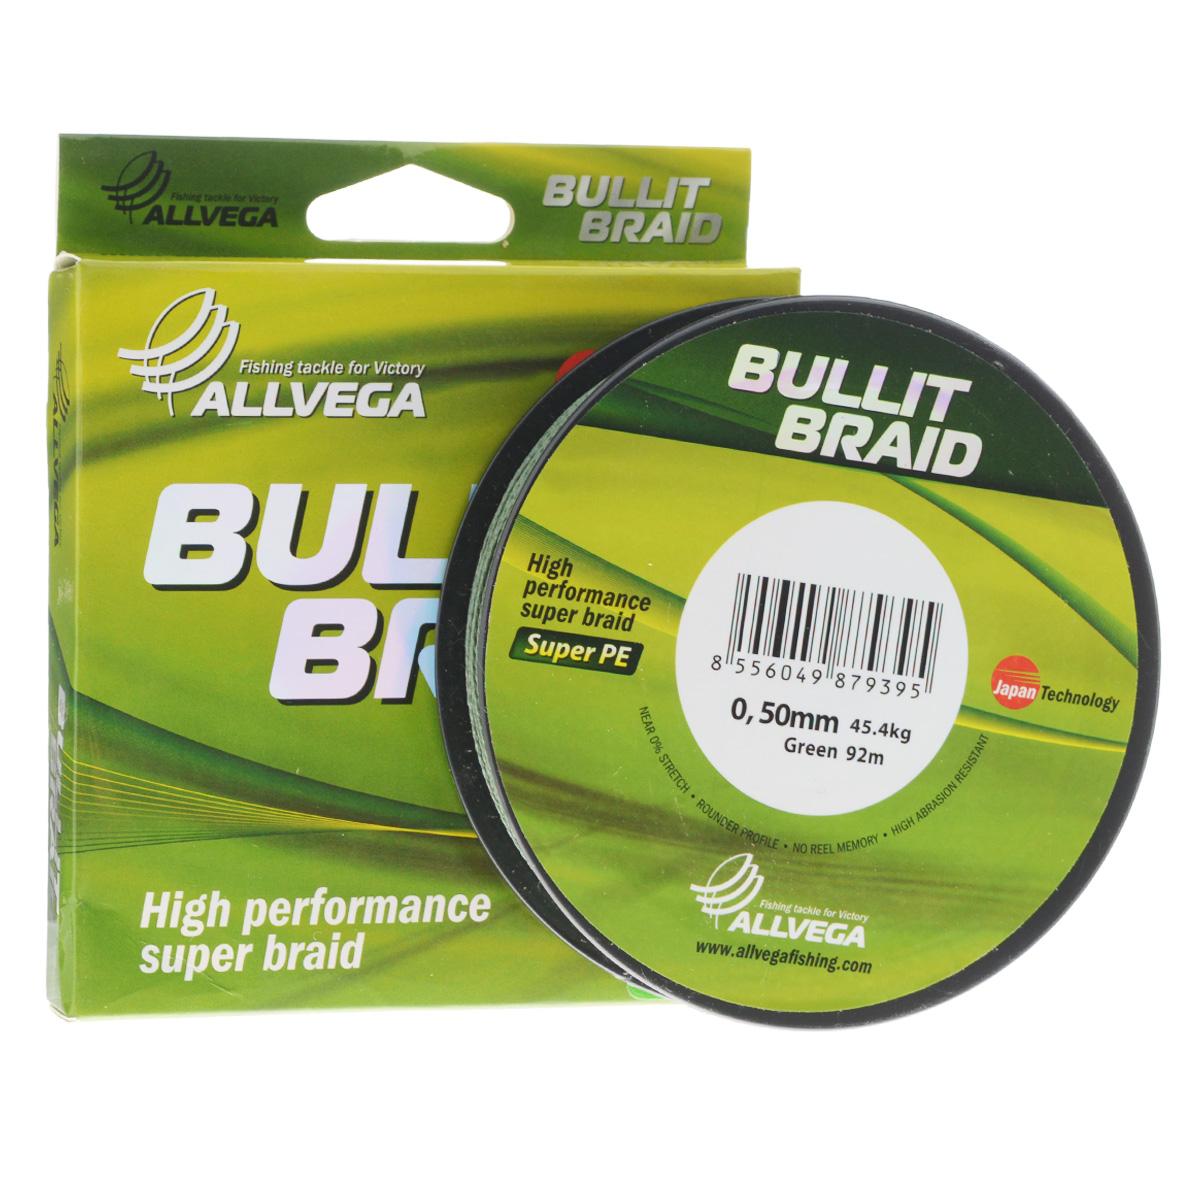 Леска плетеная Allvega Bullit Braid, цвет: темно-зеленый, 92 м, 0,50 мм, 45,4 кг4271825Леска Allvega Bullit Braid с гладкой поверхностью и одинаковым сечением по всей длине обладает высокой износостойкостью. Благодаря микроволокнам полиэтилена (Super PE) леска имеет очень плотное плетение и не впитывает воду. Леску Allvega Bullit Braid можно применять в любых типах водоемов. Особенности:повышенная износостойкость;высокая чувствительность - коэффициент растяжения близок к нулю;отсутствует память; идеально гладкая поверхность позволяет увеличить дальность забросов; высокая прочность шнура на узлах.